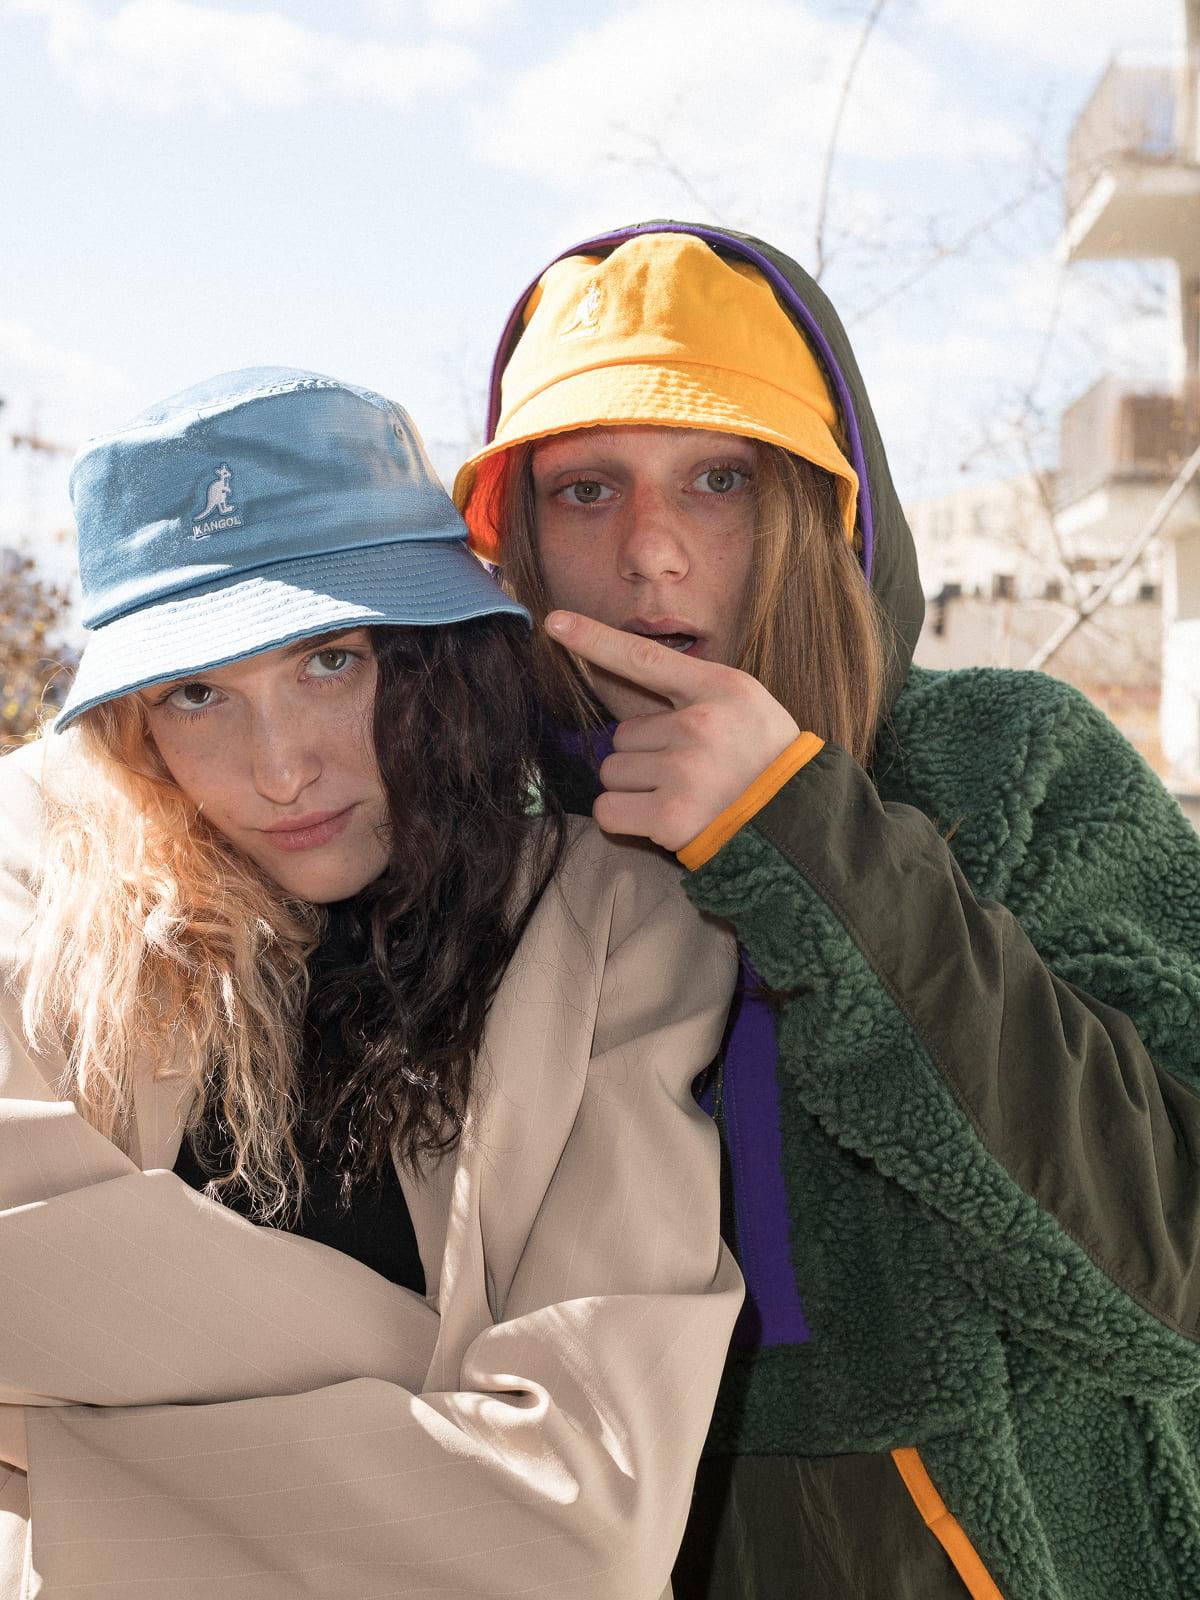 Vítáme Kangol! Nejoblíbenější bucket hats hip-hopových legend